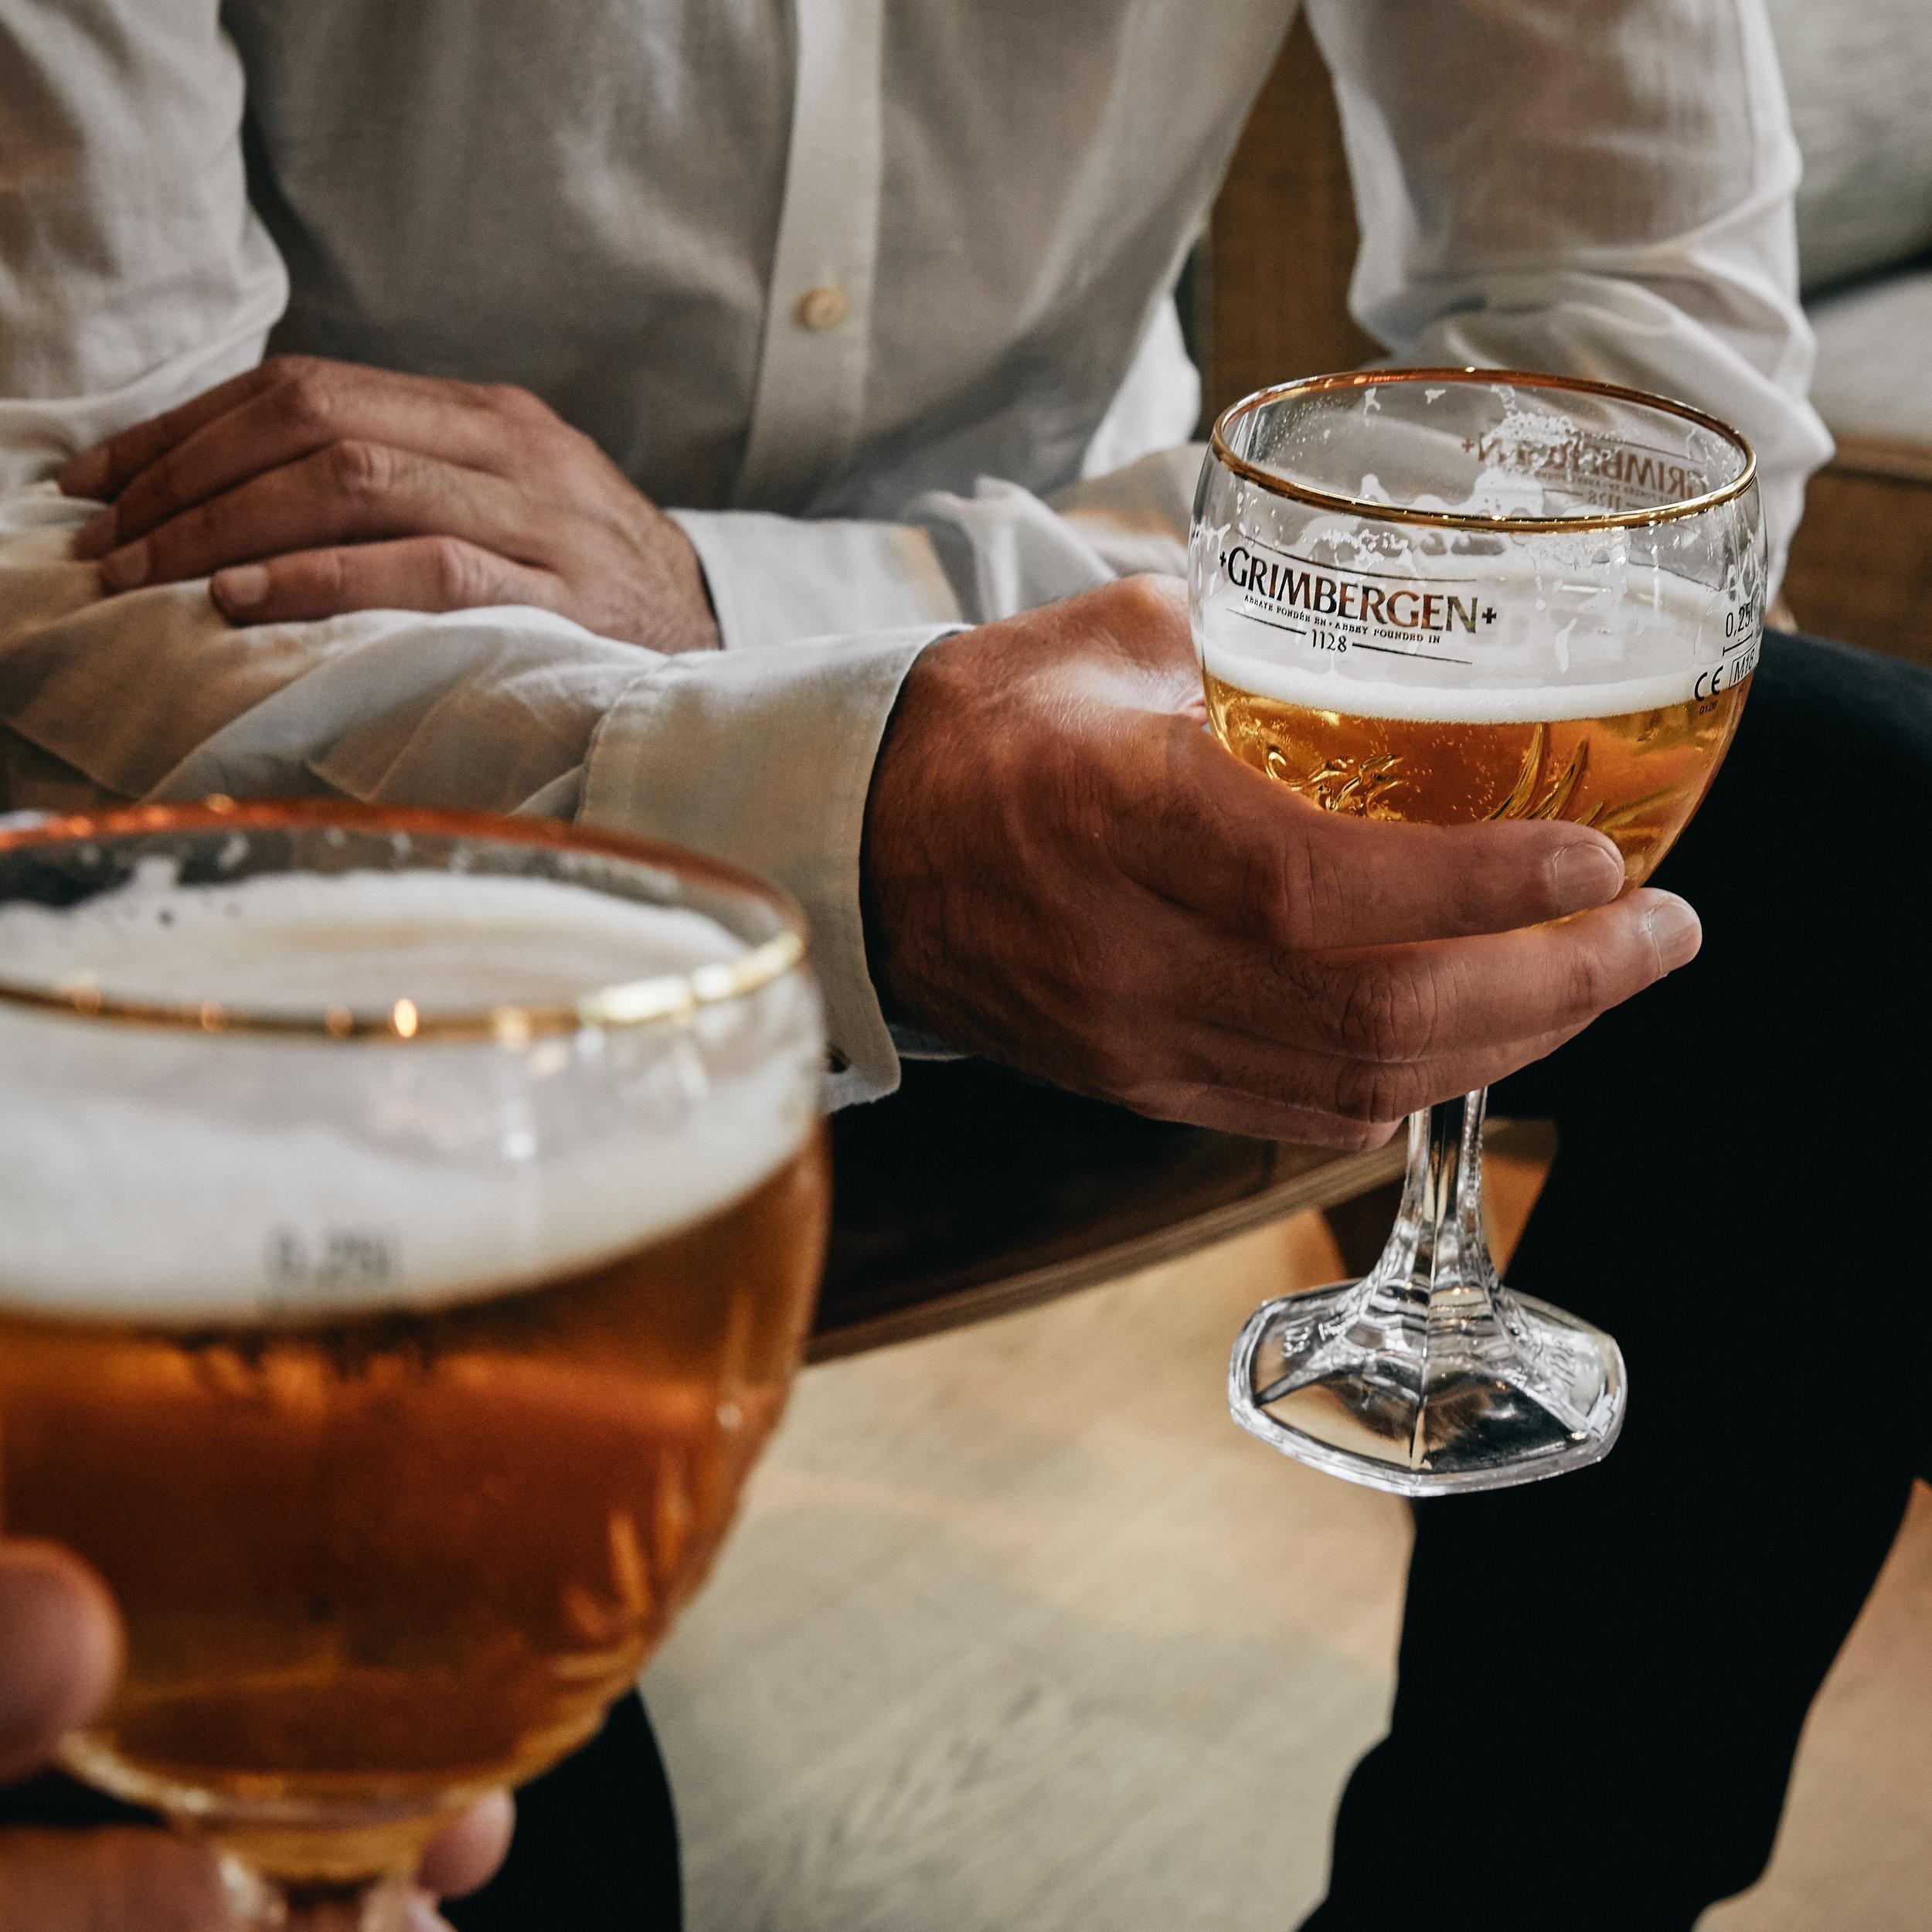 People_Beer_C5D_0182.jpg